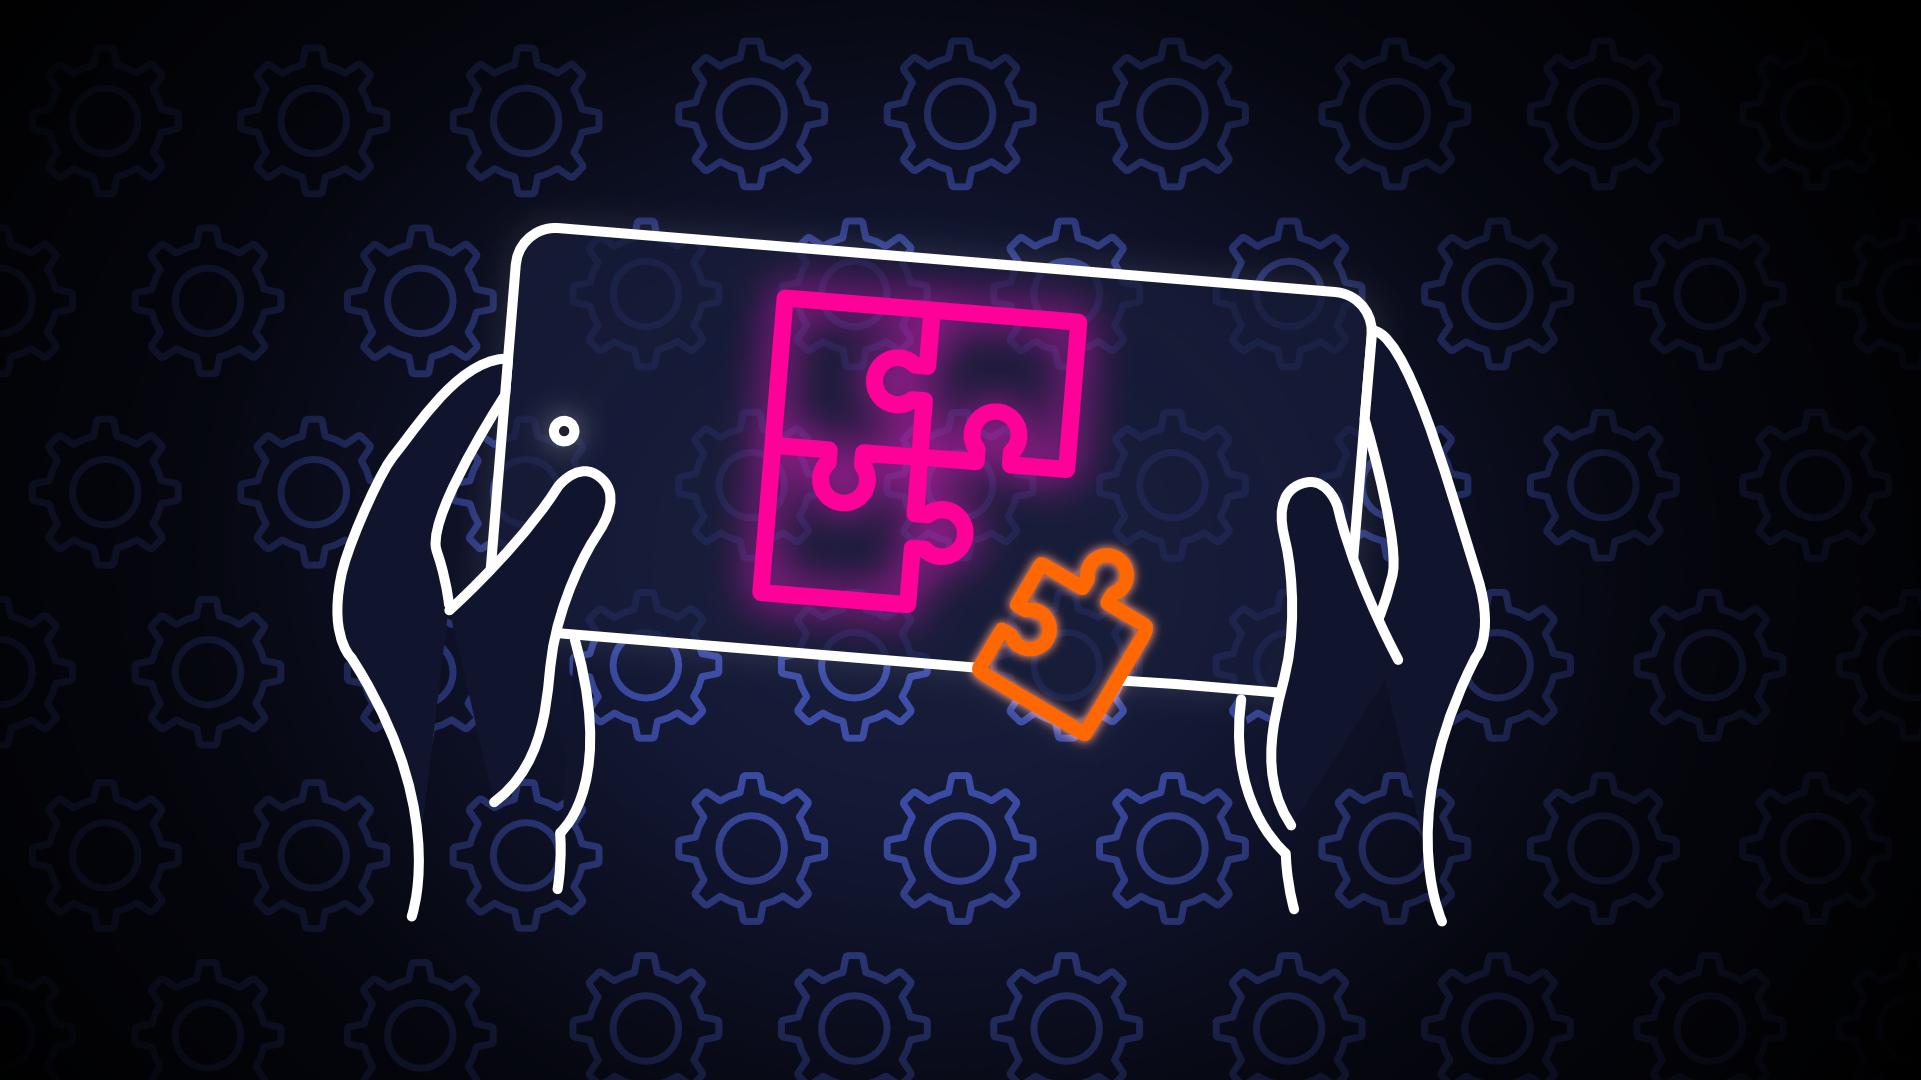 Les Meilleurs Jeux De Réflexion Gratuits Et Payants Sur Android encequiconcerne Jeux De Mots A Chercher